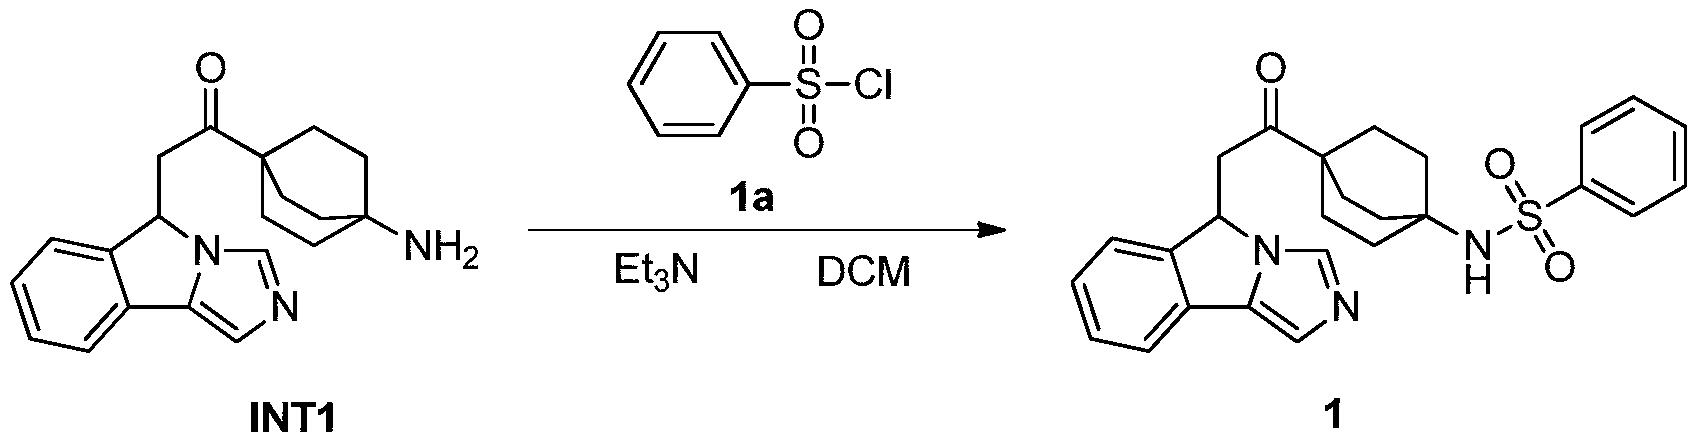 Figure PCTCN2017084604-appb-000237